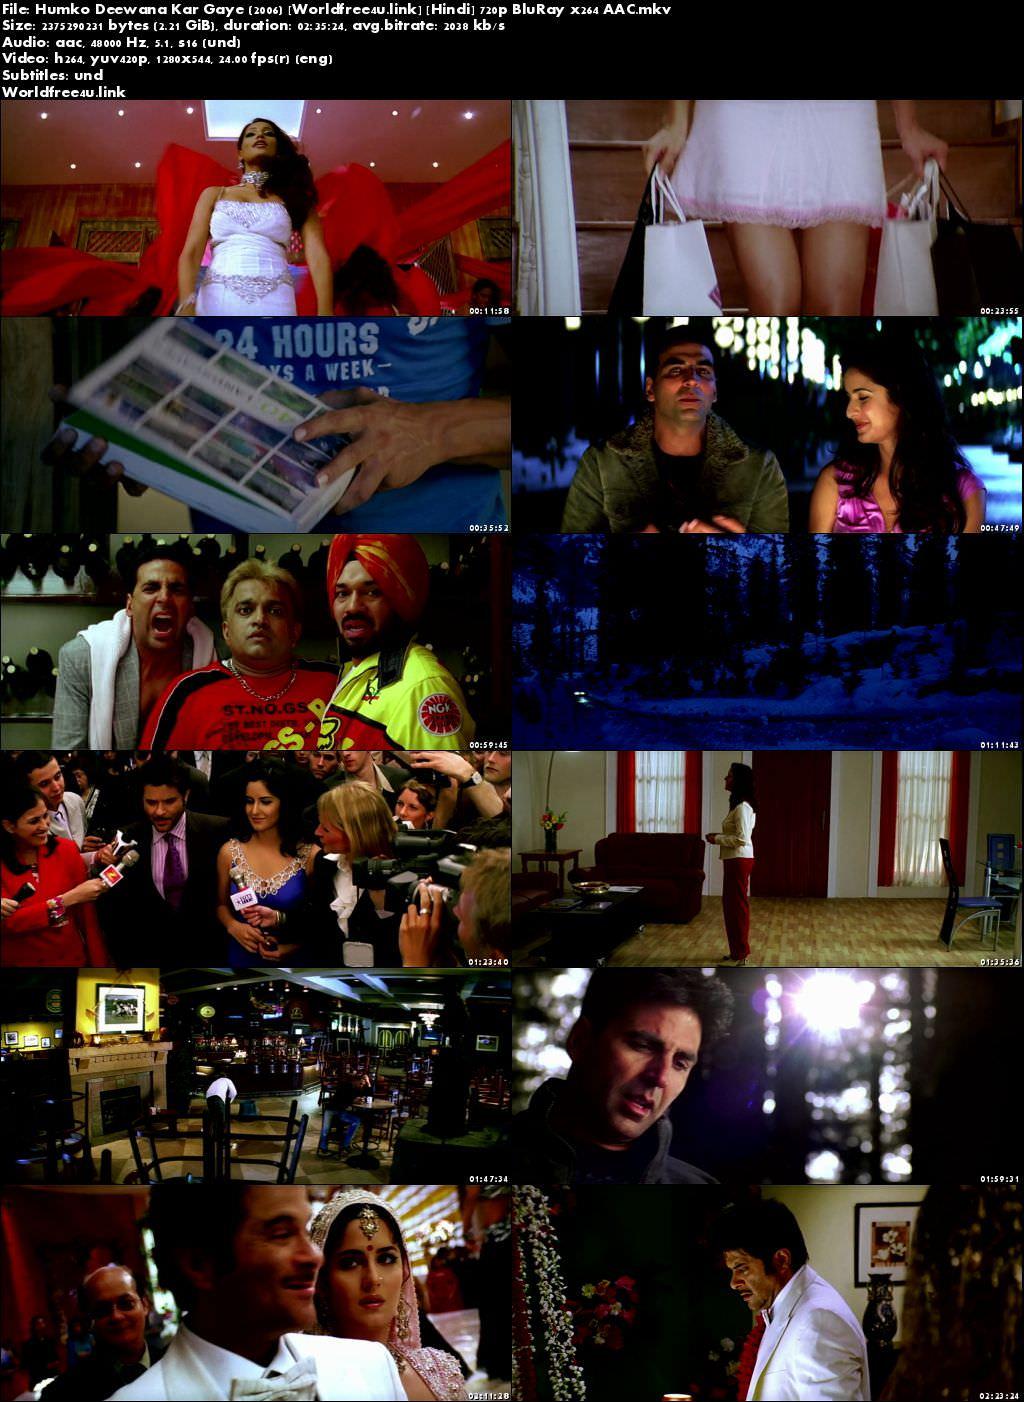 Screen Shoot of Humko Deewana Kar Gaye 2006 Full Hindi Movie Download BRRip 720p Watch Online In Hd